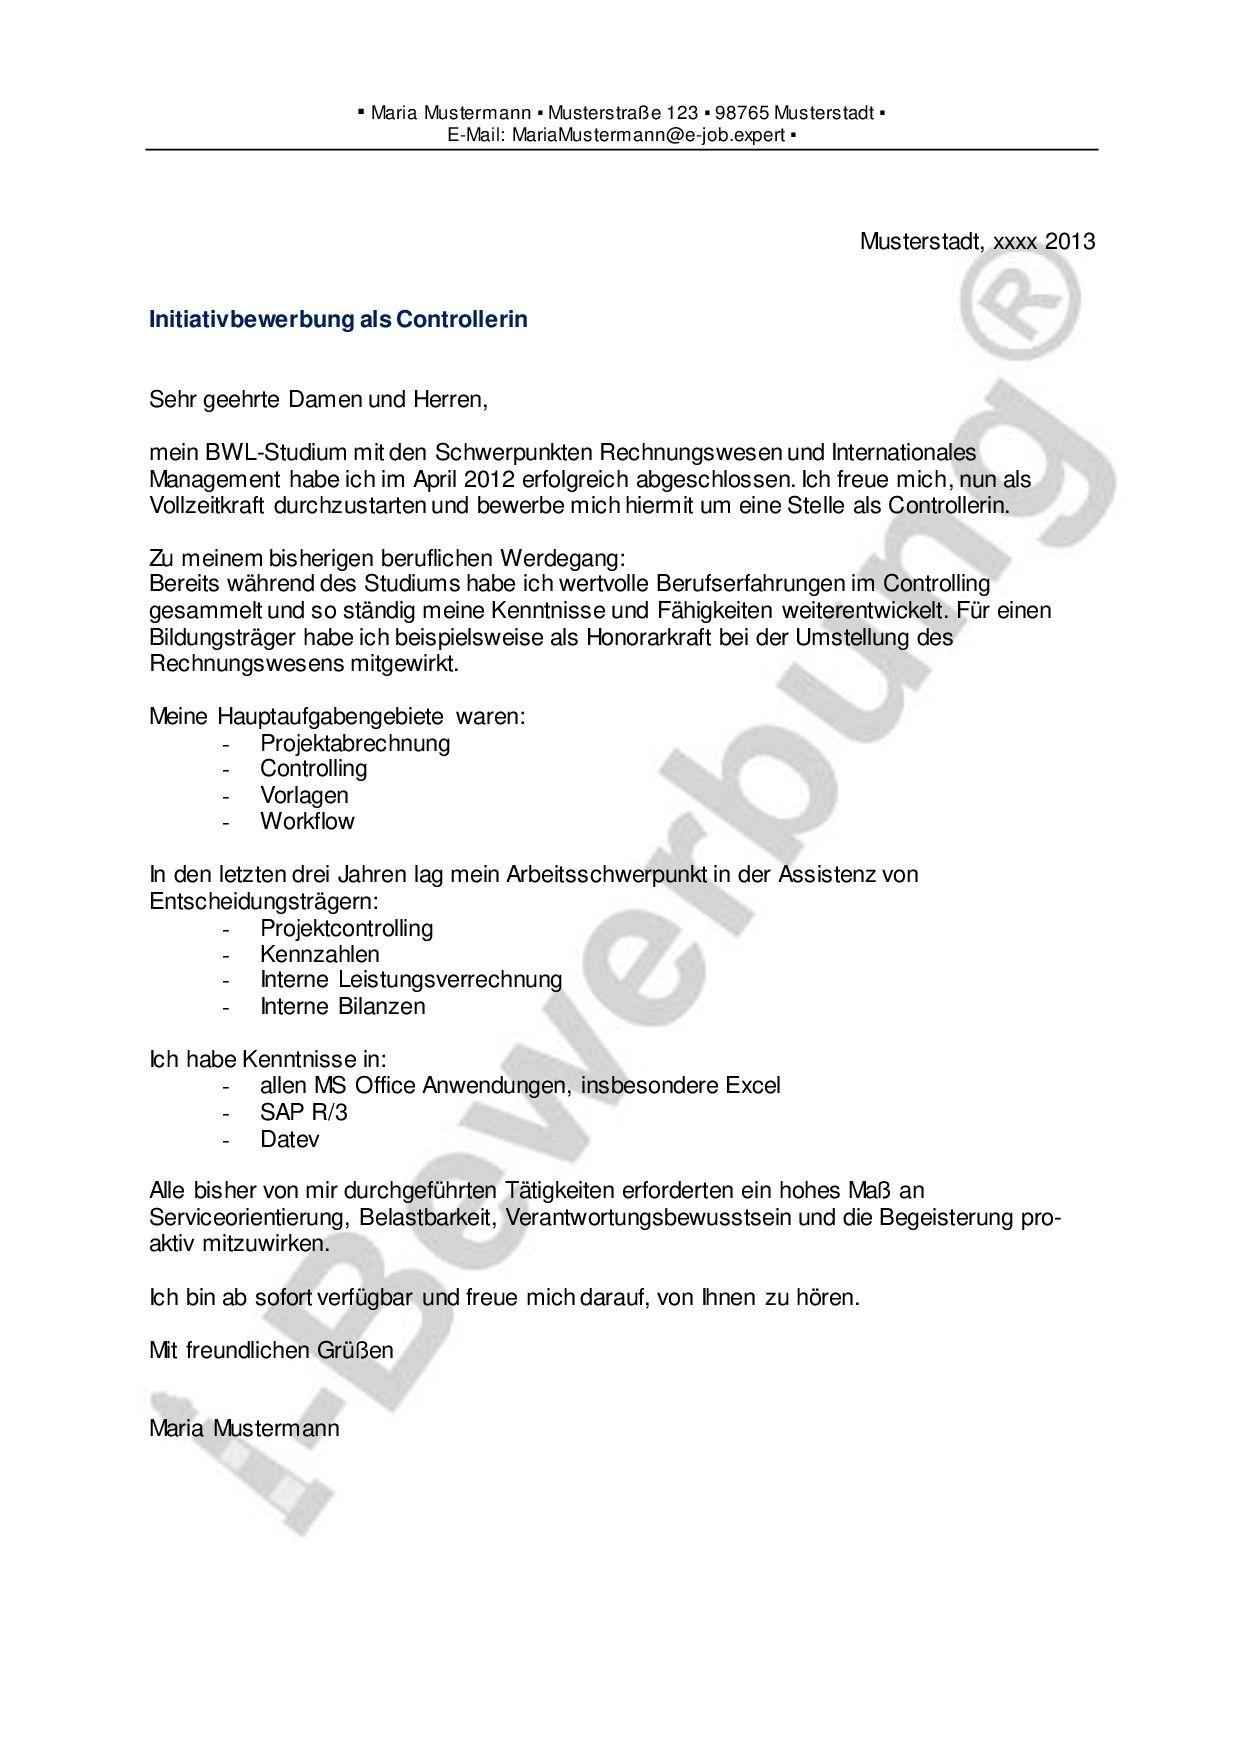 Großartig Vorlagen Für Anwendungen Galerie - Entry Level Resume ...